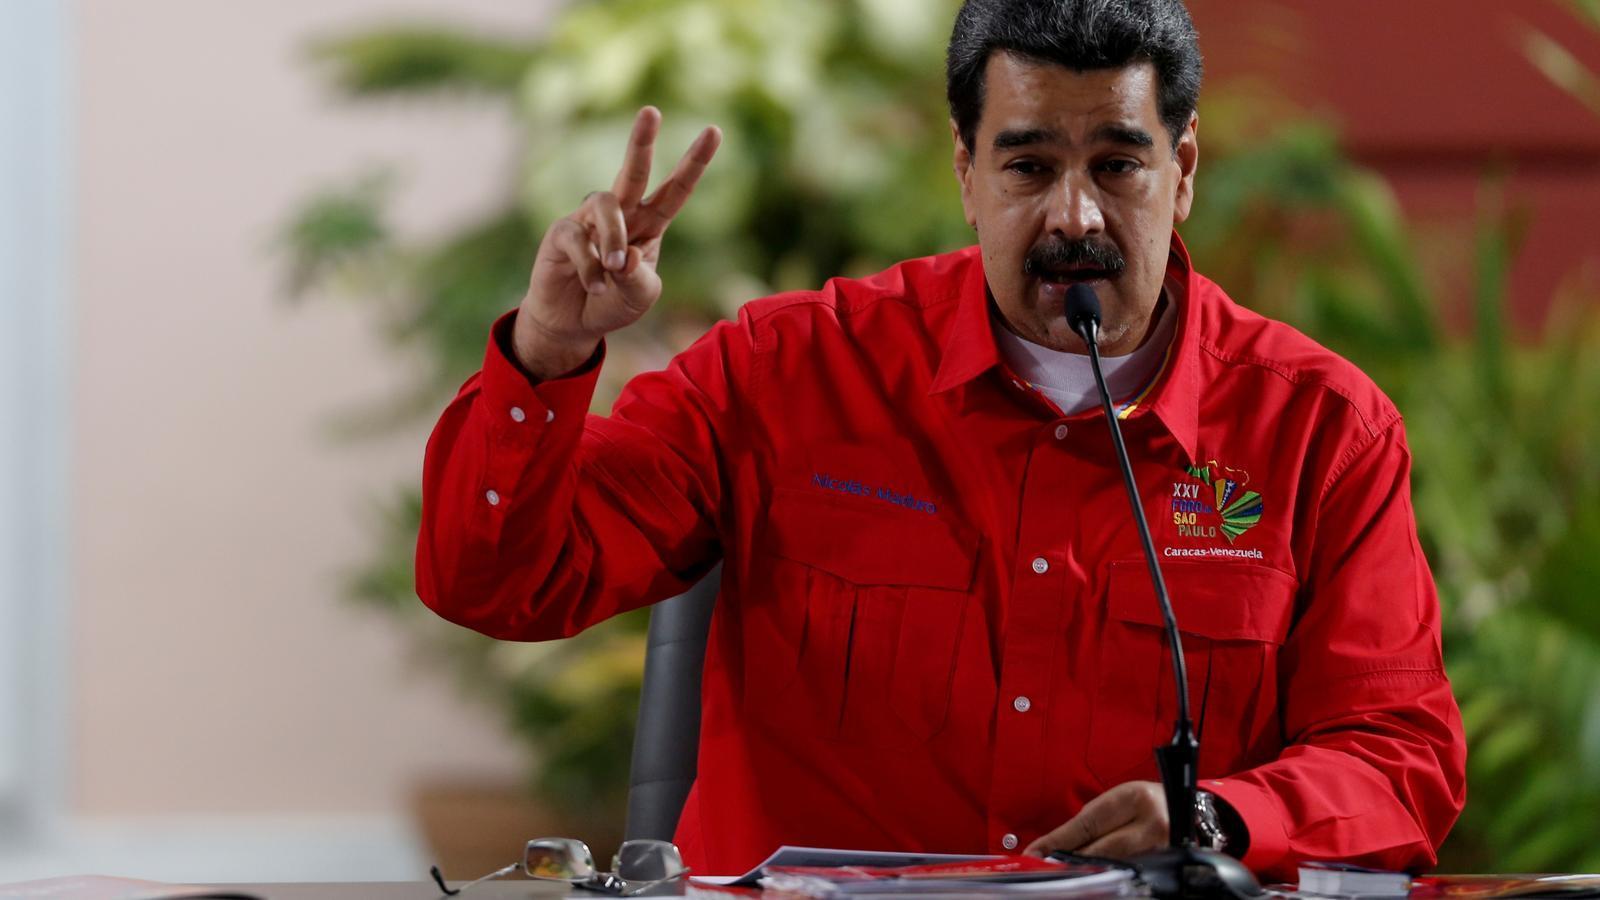 El president veneçolà, Nicolás Maduro, ha confirmat els contactes del seu govern amb la Casa Blanca.